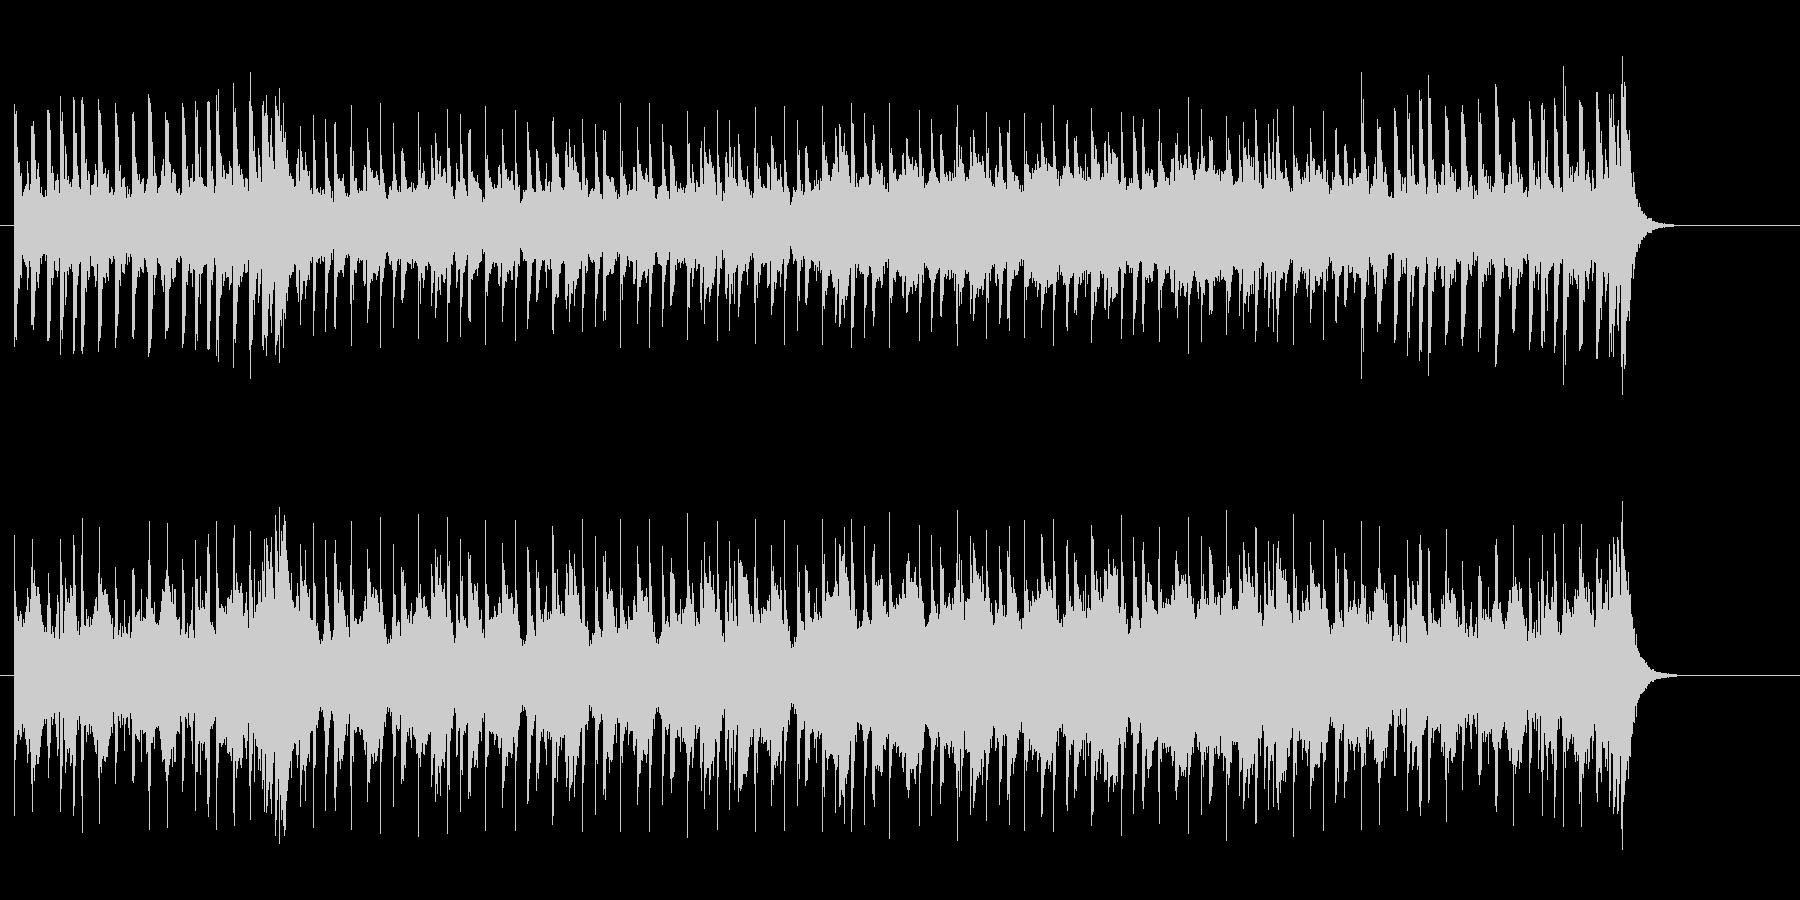 重く怪しいマイナー・エレクトリックの未再生の波形